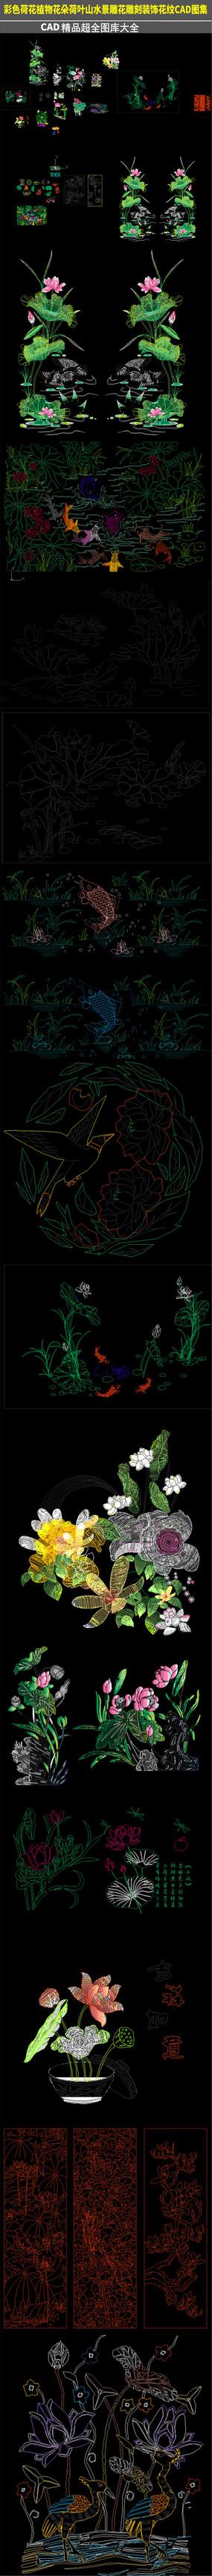 荷花花朵荷叶山水景雕花花纹CAD图集